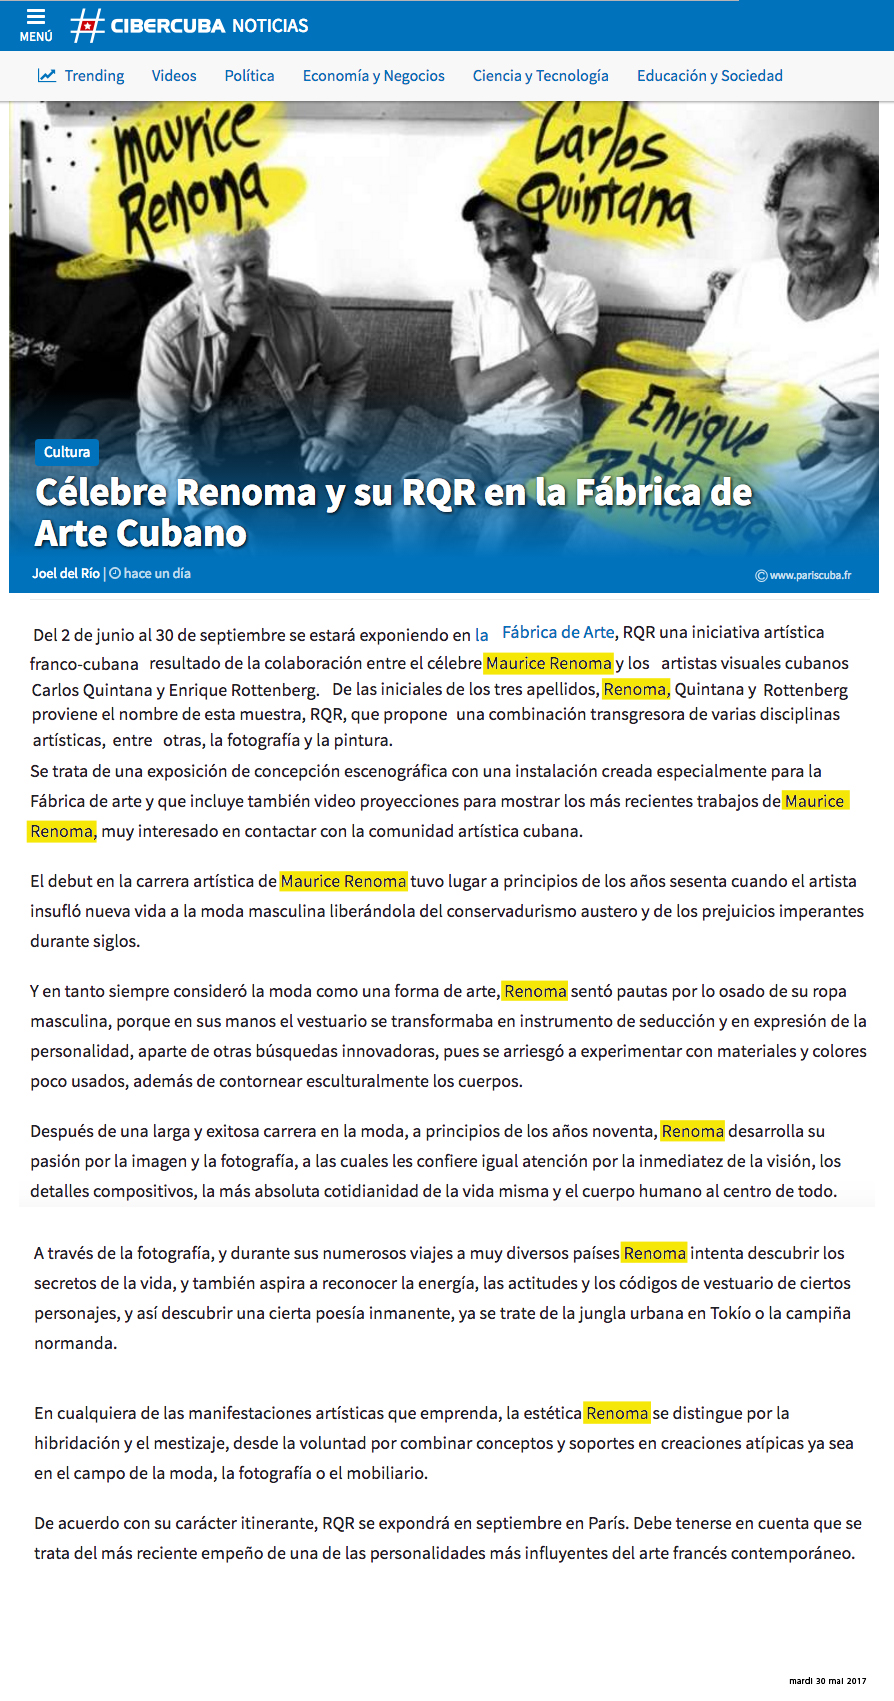 2017-05-30_CiberCubaNoticias